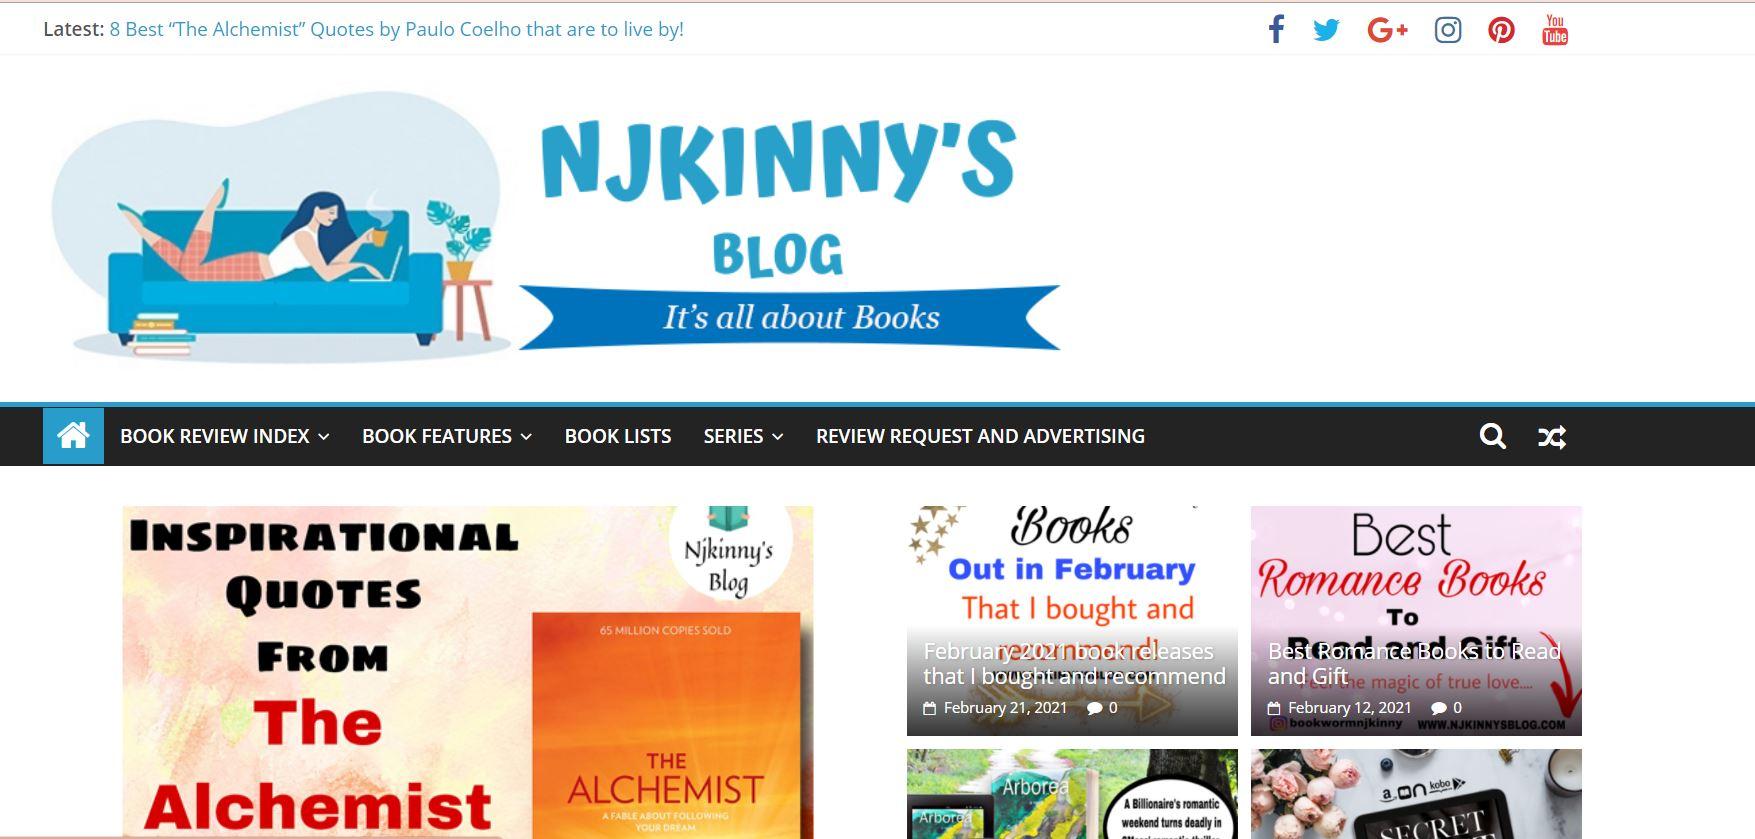 Njkinny's Blog